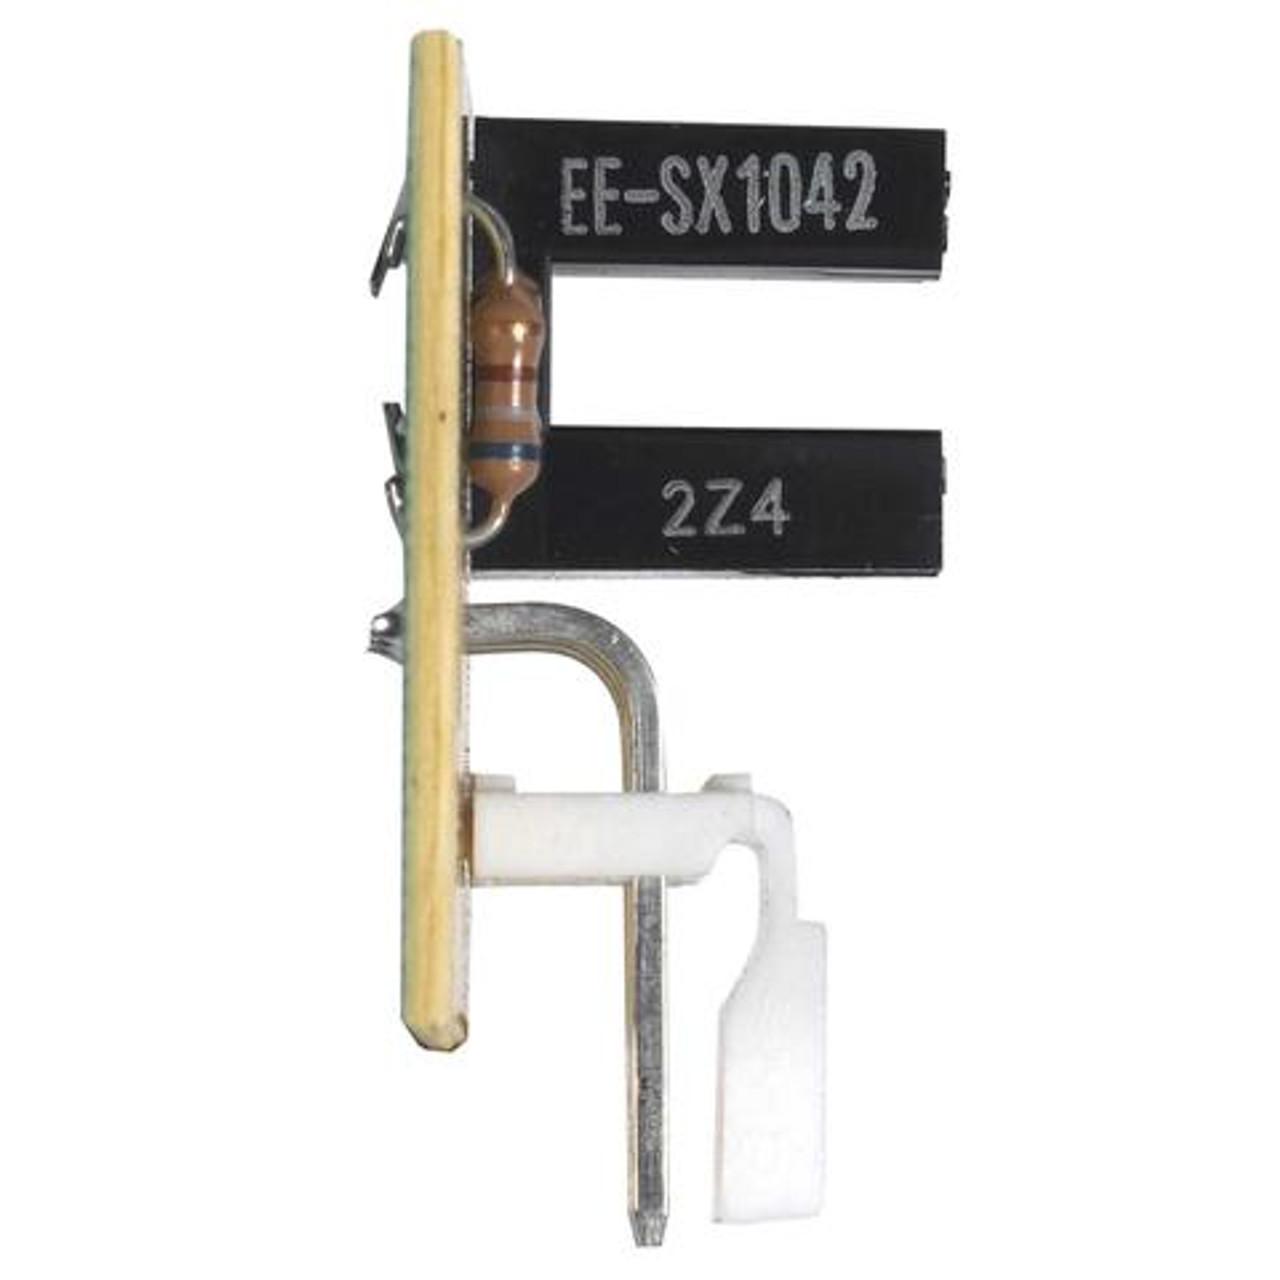 OPTO-LUCTOR (AC SCREW DRIVE - GENIE & OVERHEAD DOOR)